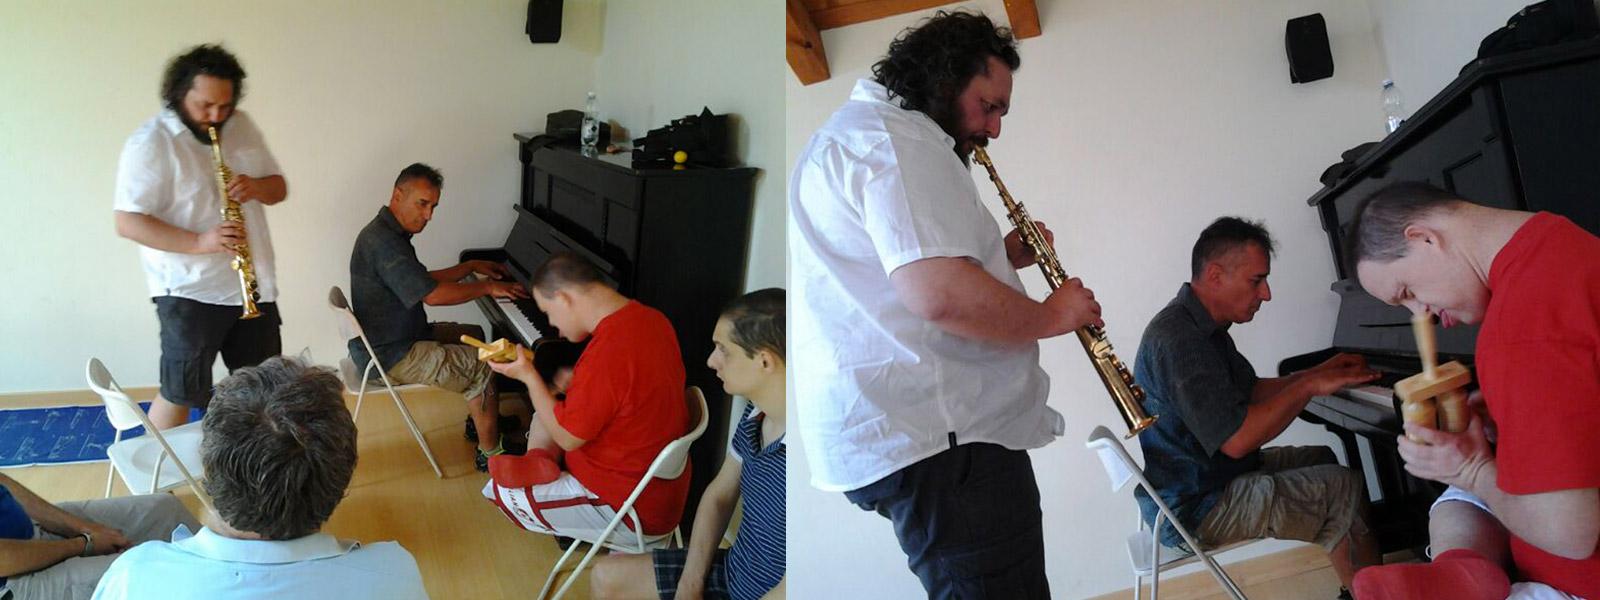 Improvvisazione in Musicoterapia